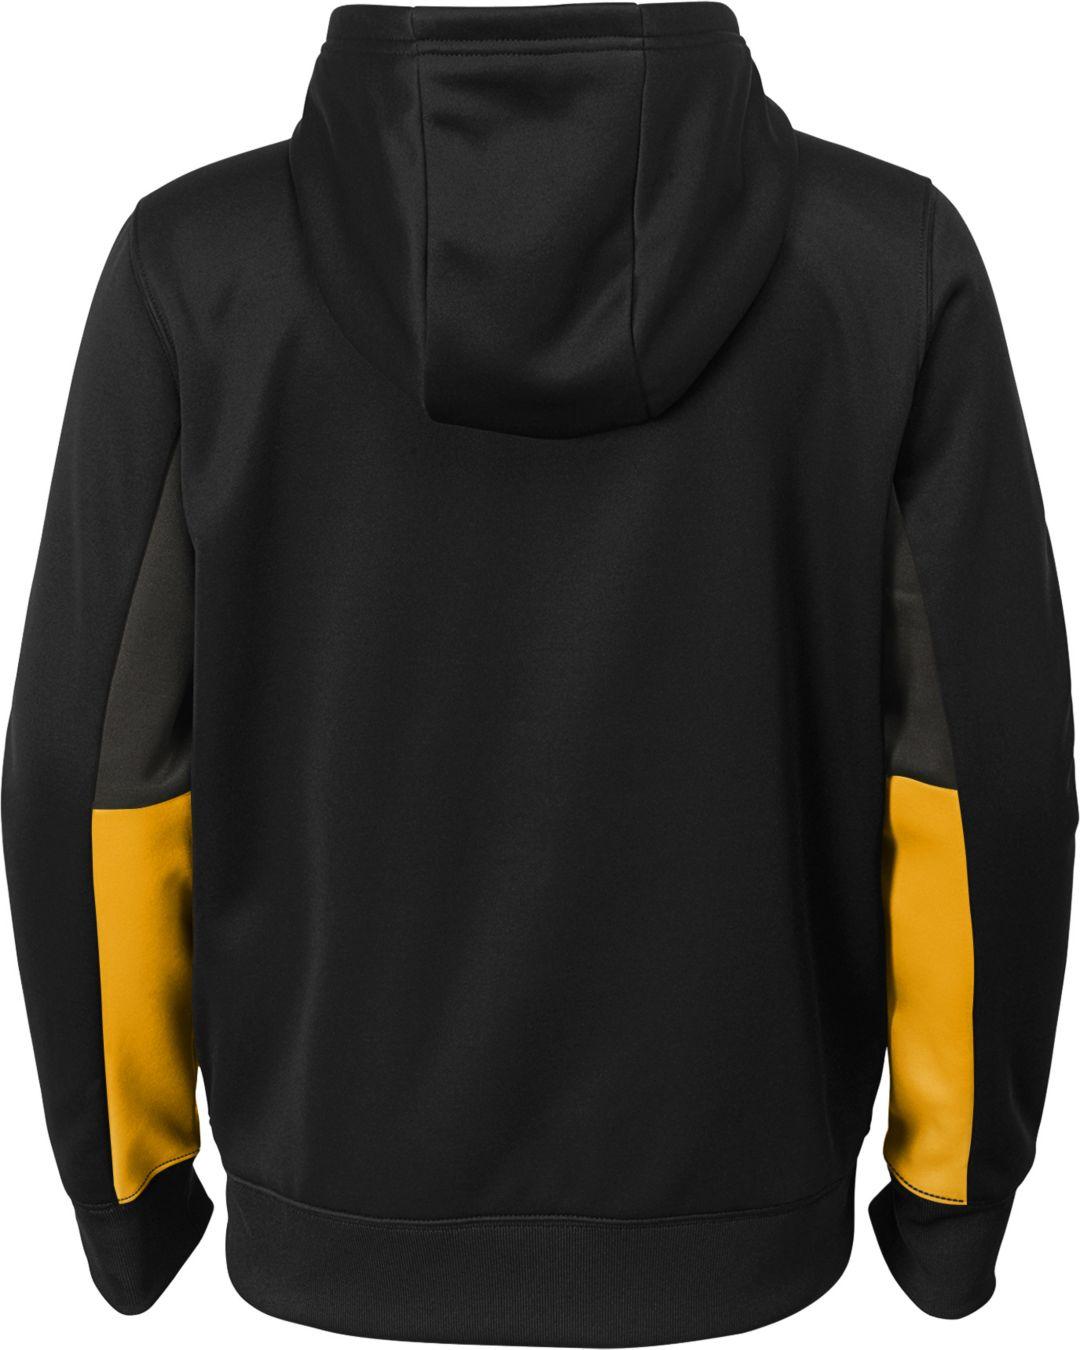 best sneakers a9b23 ebf11 NFL Team Apparel Youth Pittsburgh Steelers Performance Black Full-Zip Hoodie